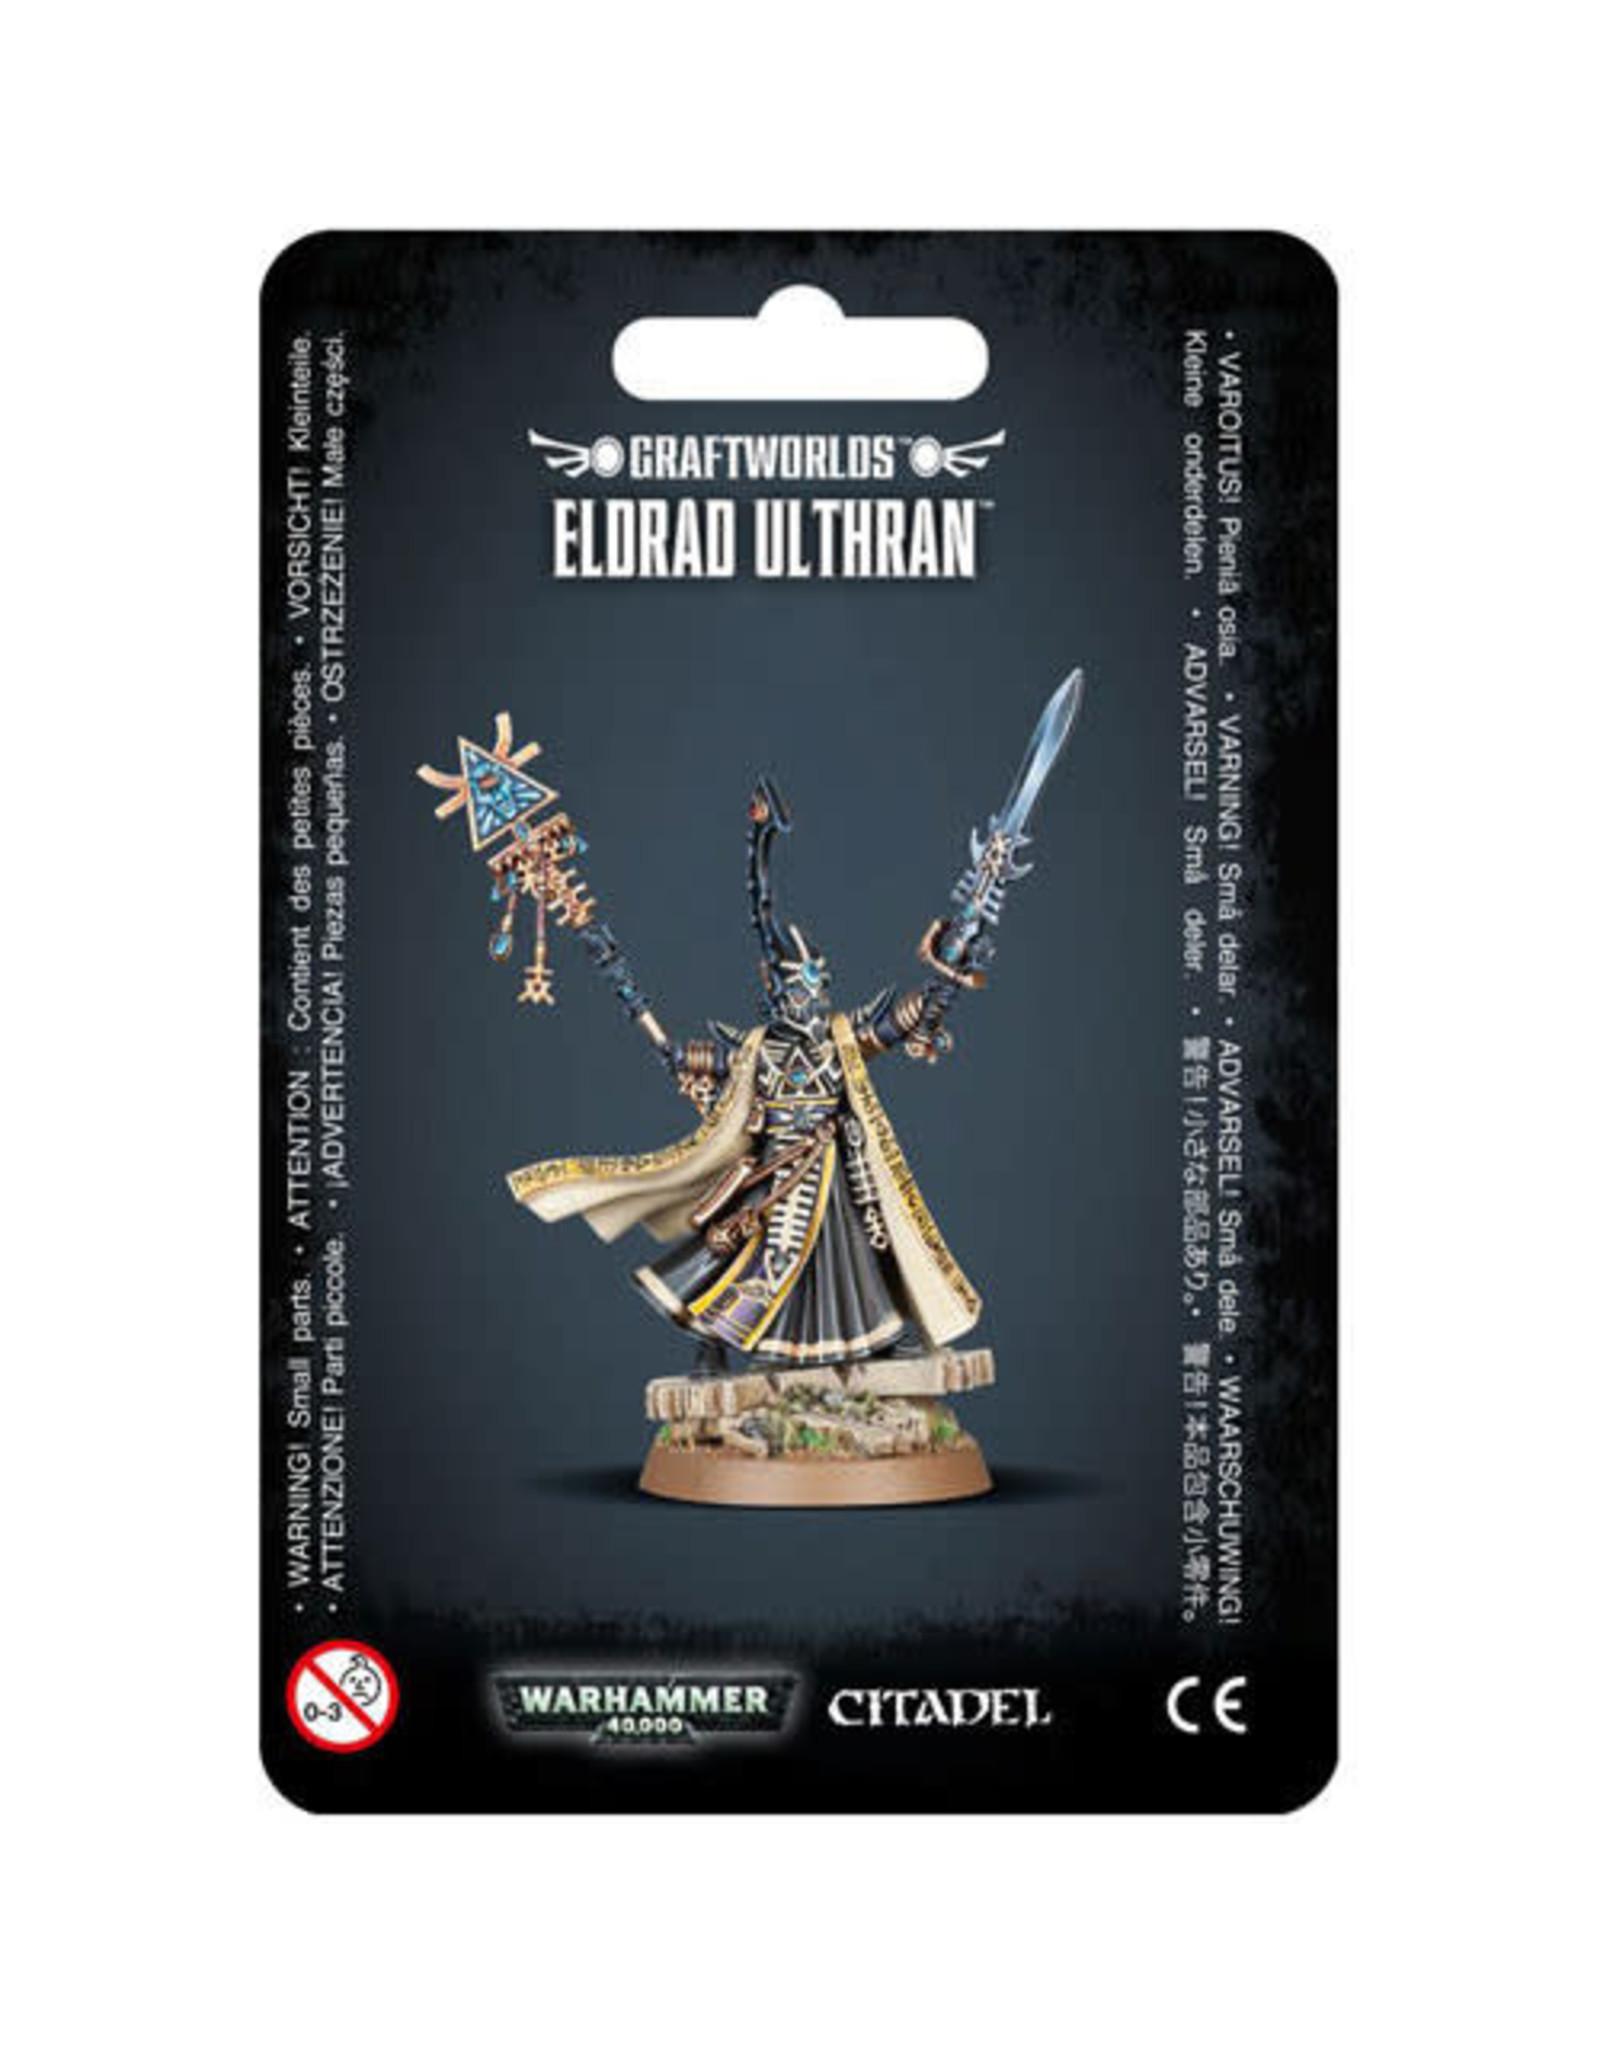 Craftworlds Eldrad Ulthran (40K)